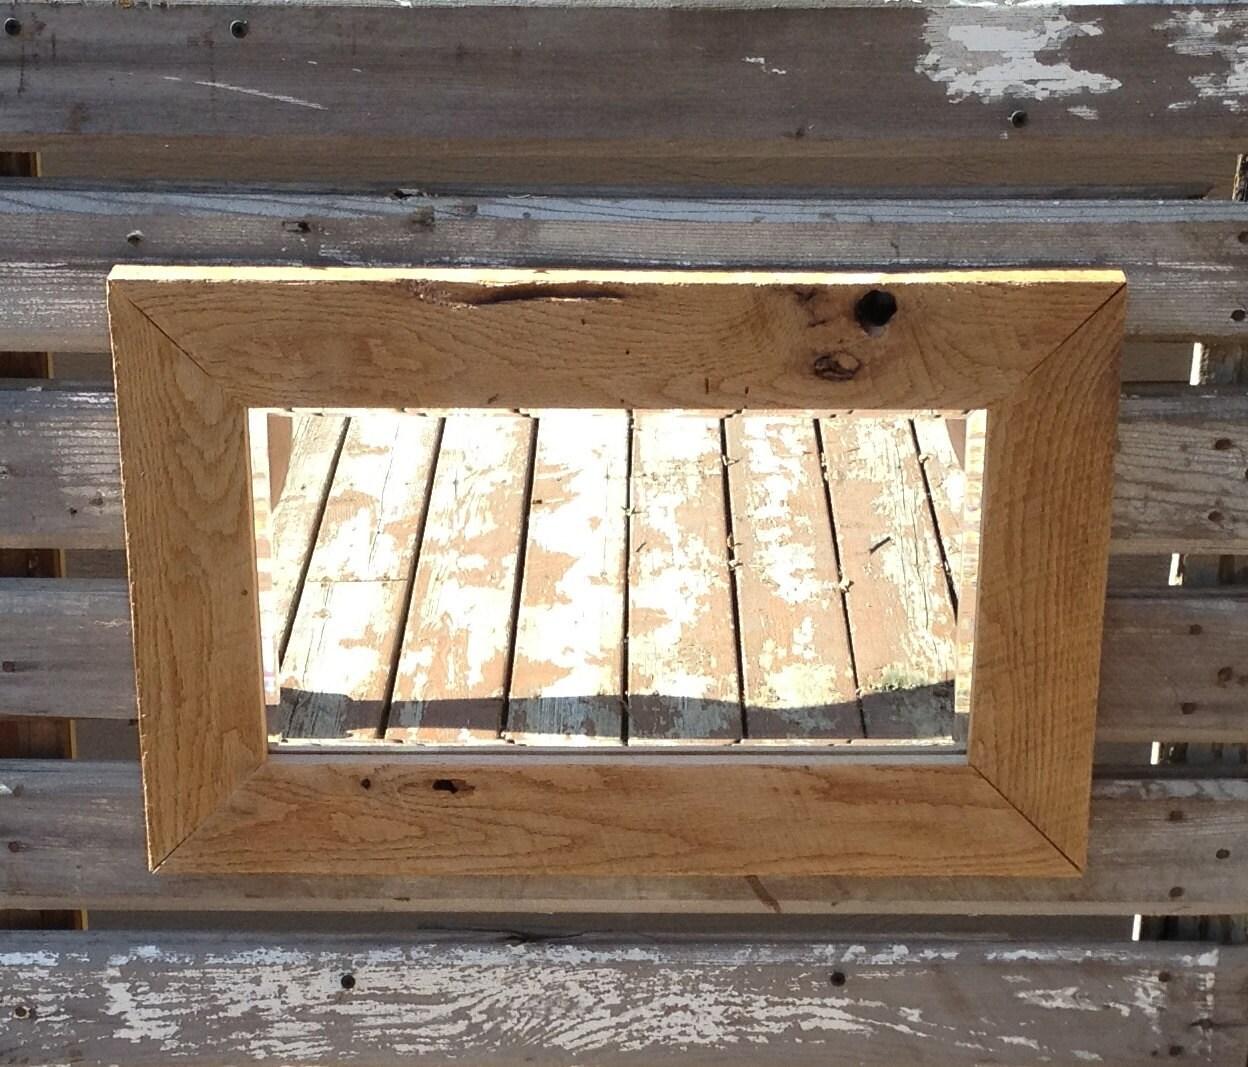 Rustic Light Industrial Chandelier Rope Pulley Yoke Wood Metal: Rustic Mirror Featuring Reclaimed Barn Wood Frame